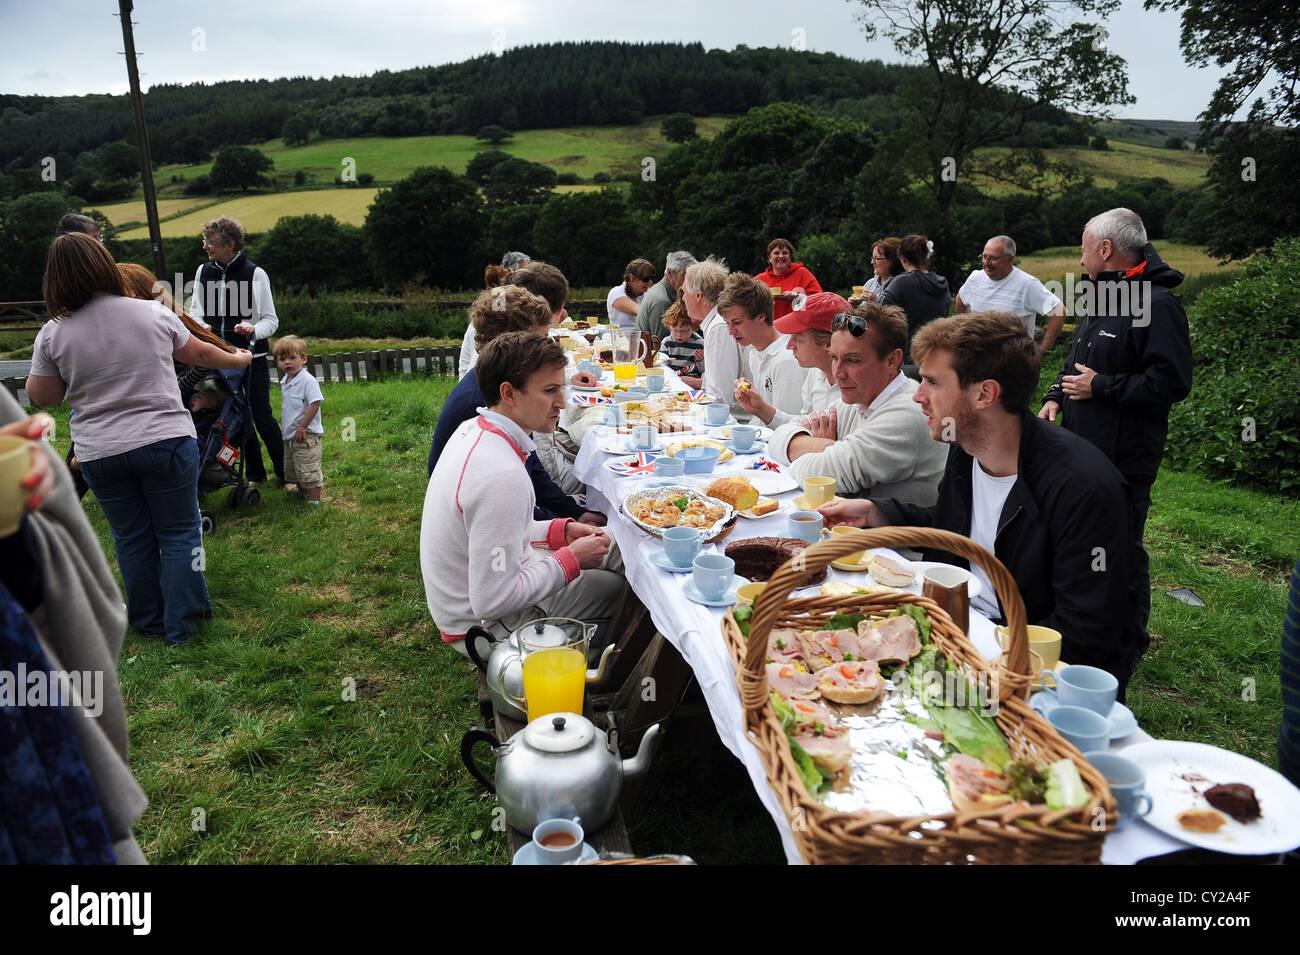 Cricket tè presso il confronto annuale tra Arden hall gli ospiti e la Sun inn ( Casa del tubo di lancio ) team. Immagini Stock